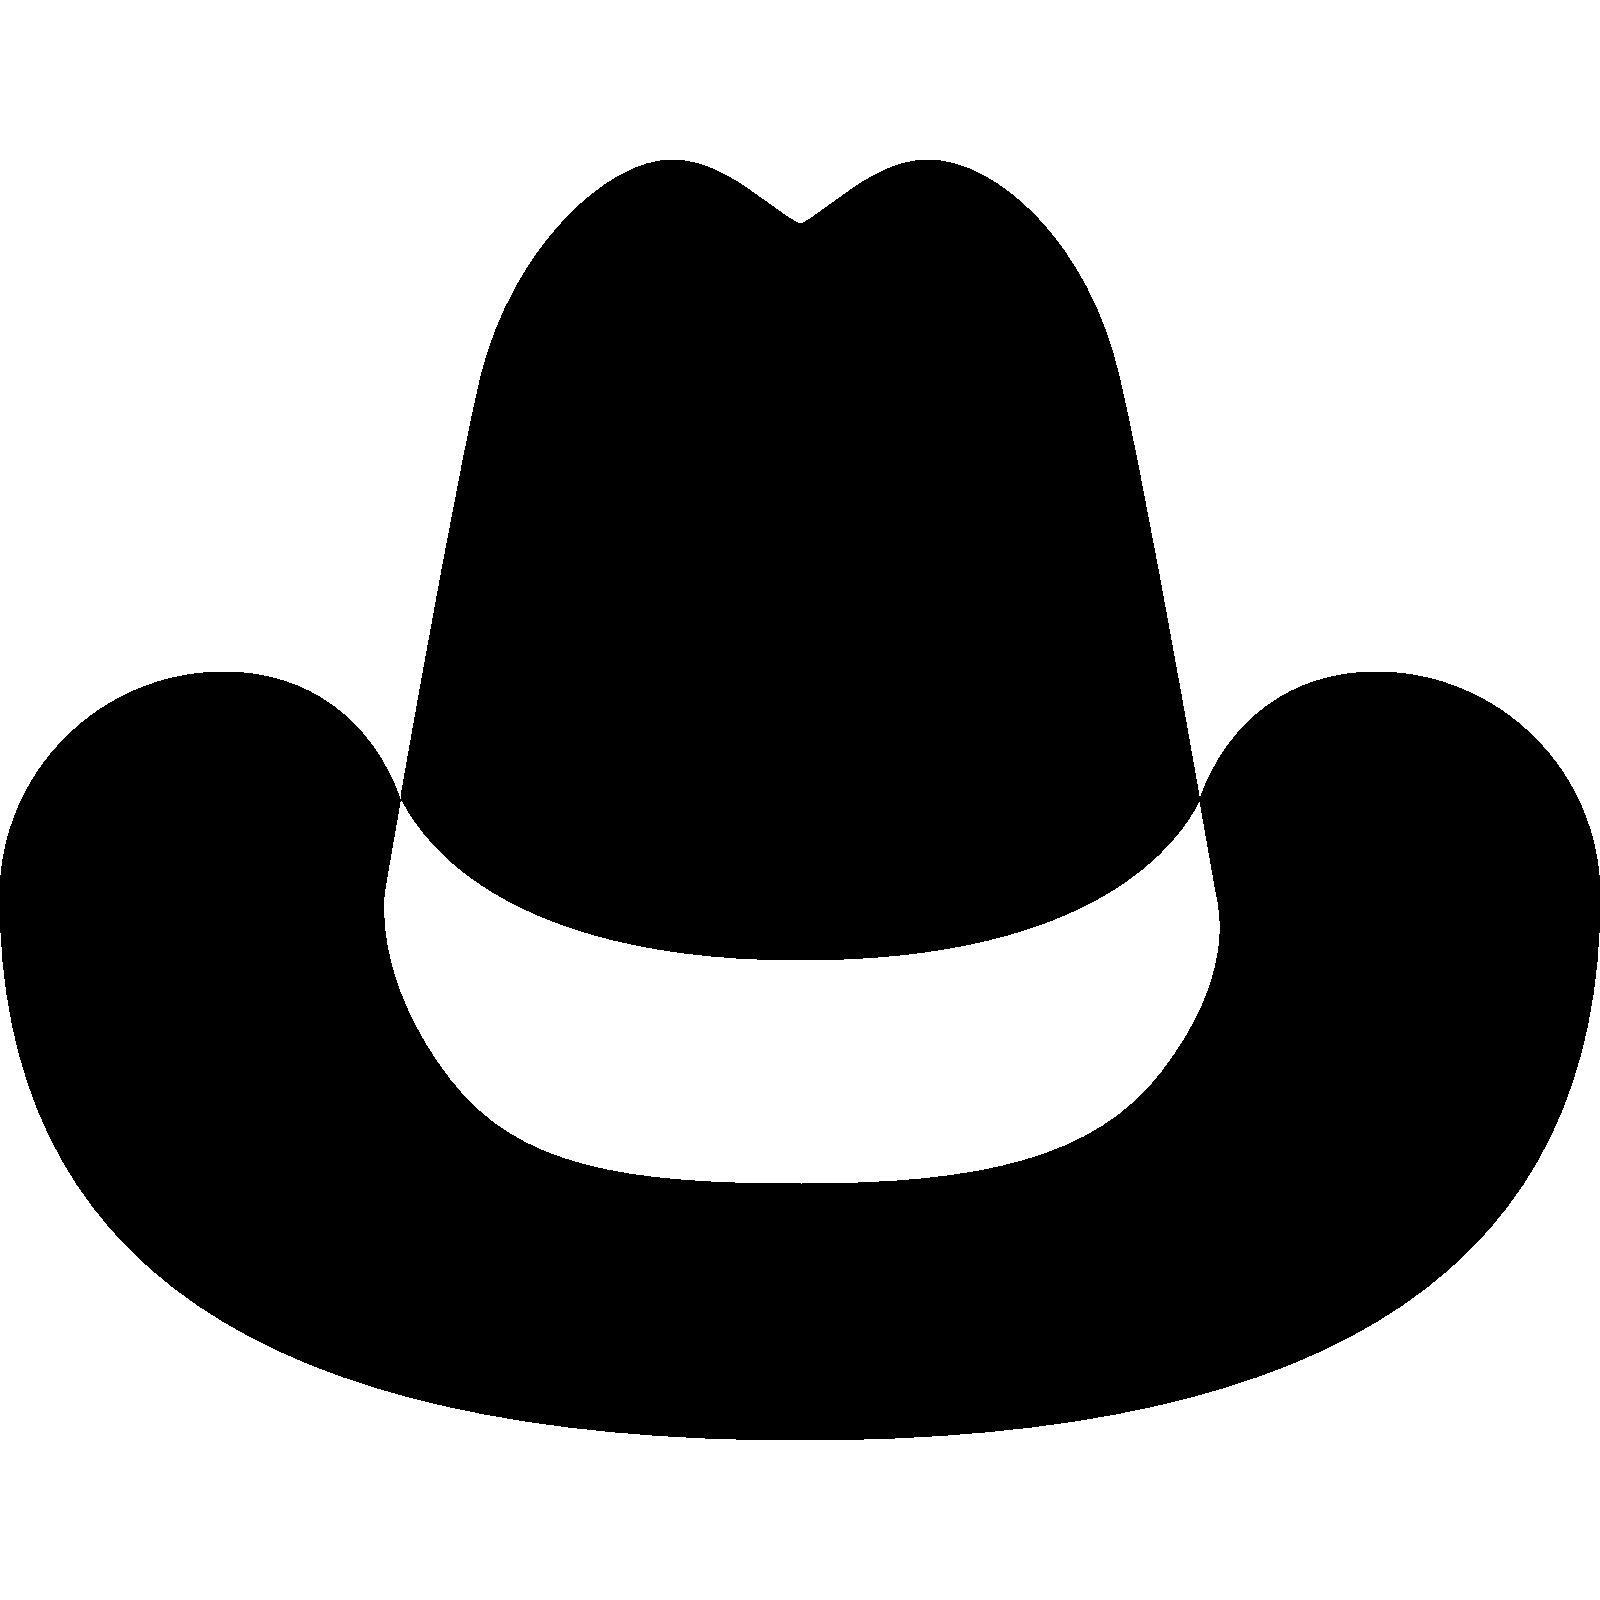 1600x1600 Cowboy Hat Clipart Images